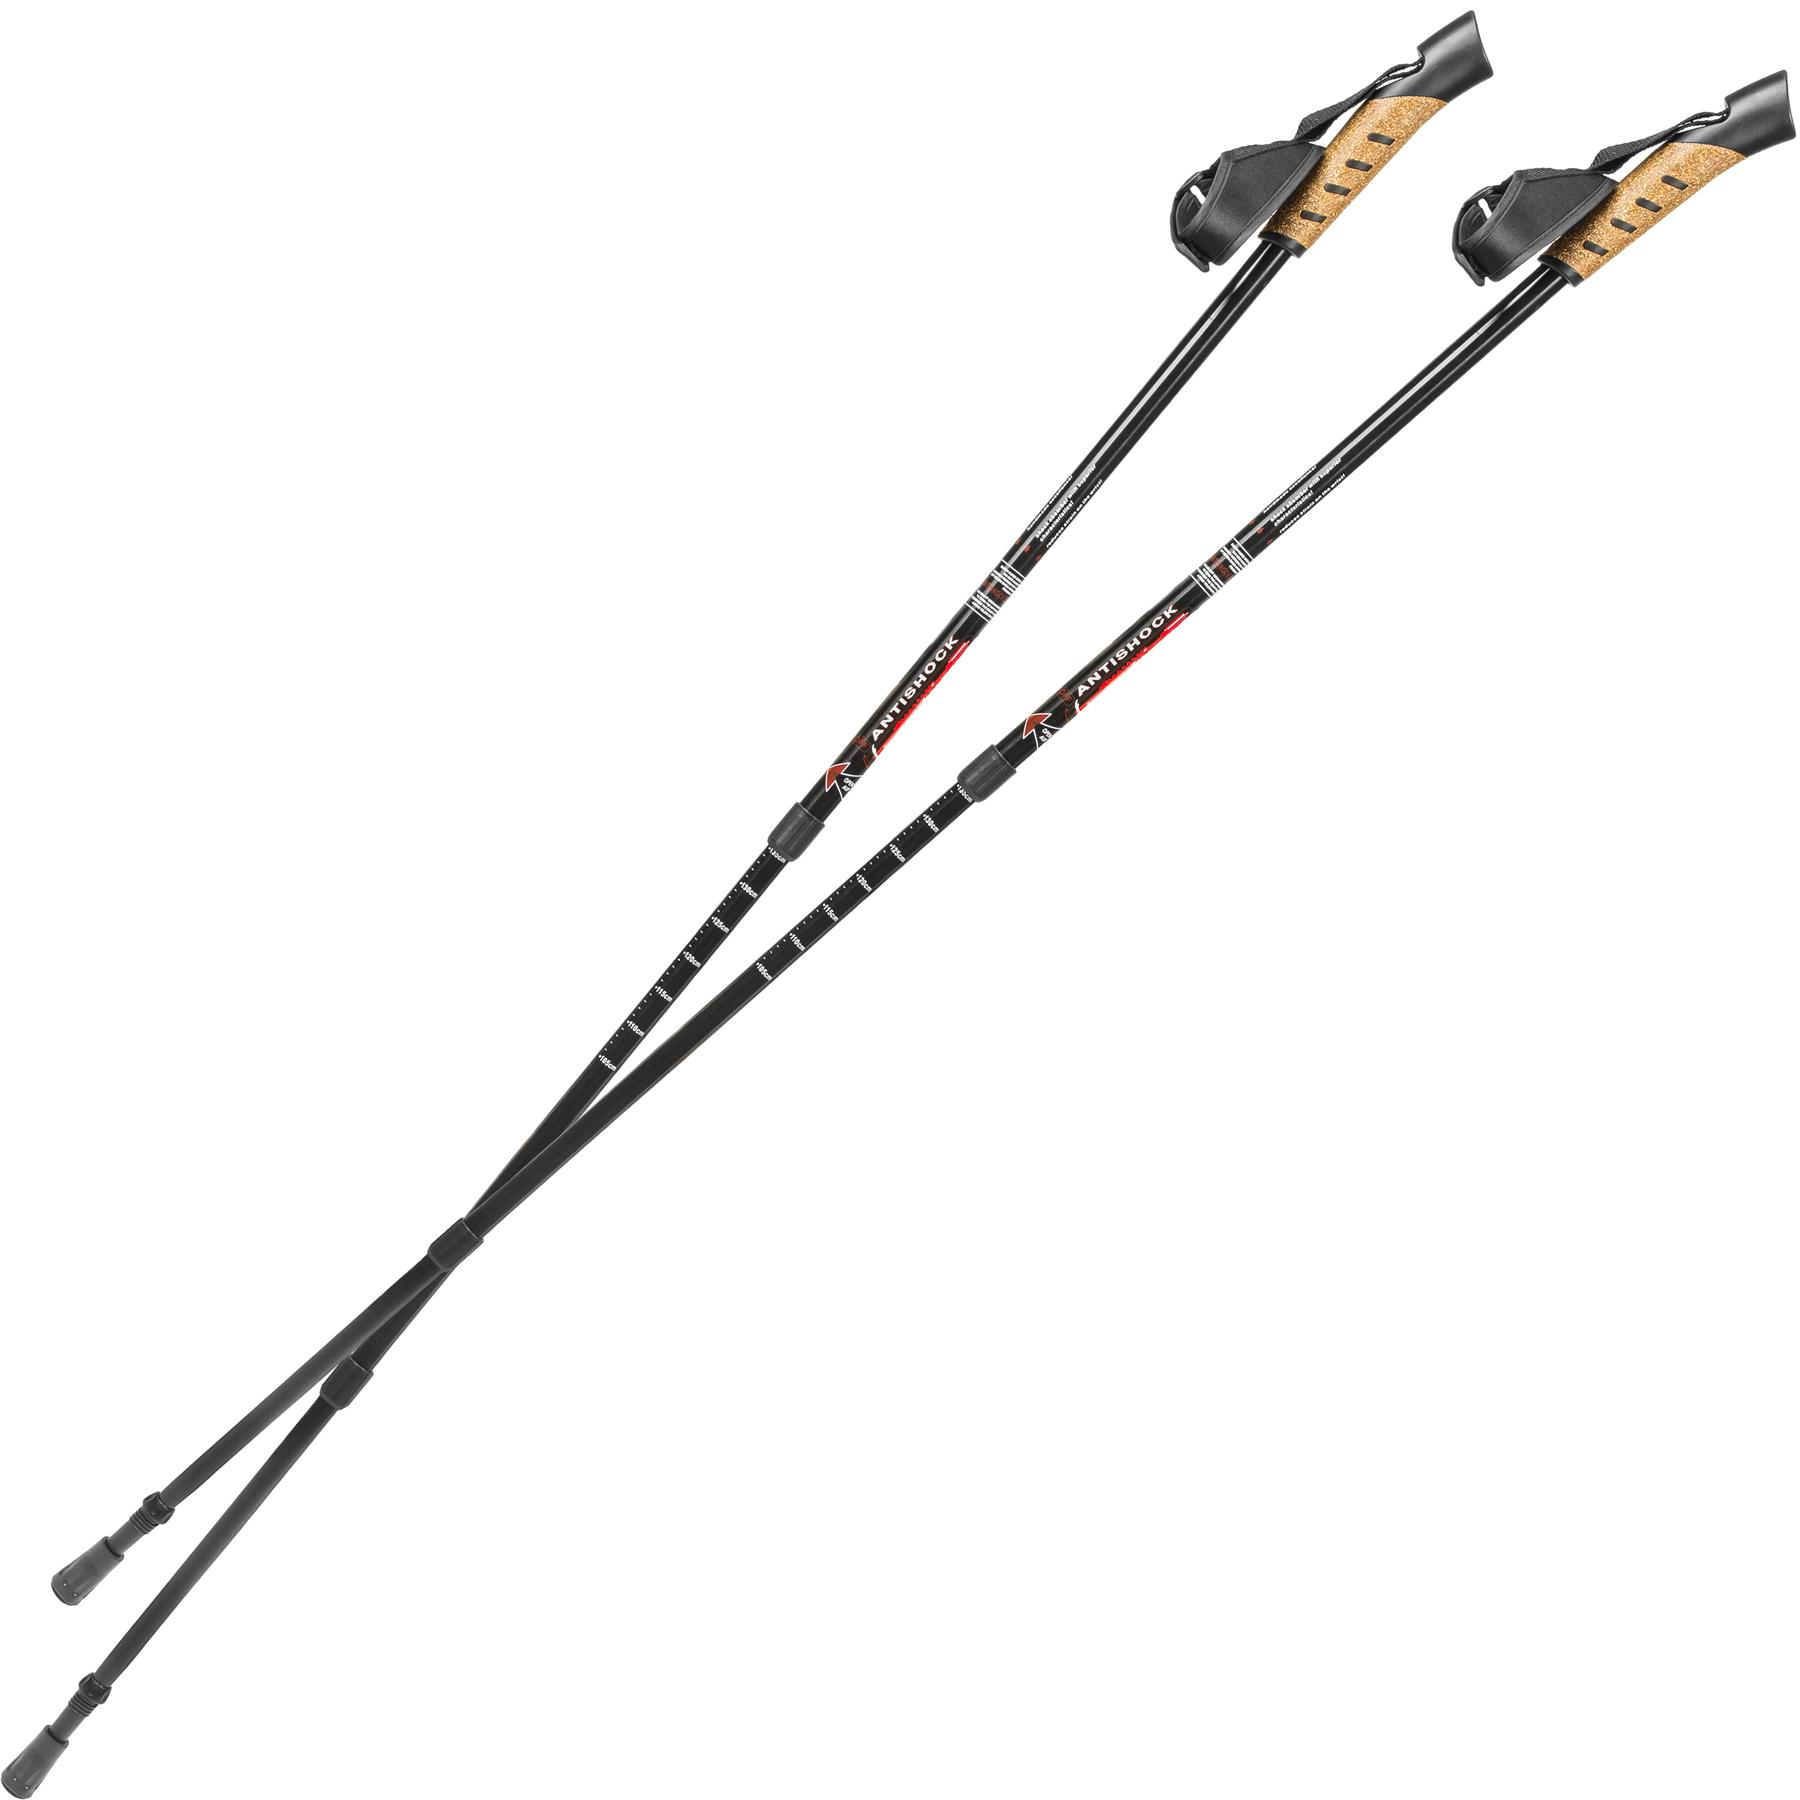 4x panier de poteau de trekking pour des bâtons de randonnée de ski de trekking